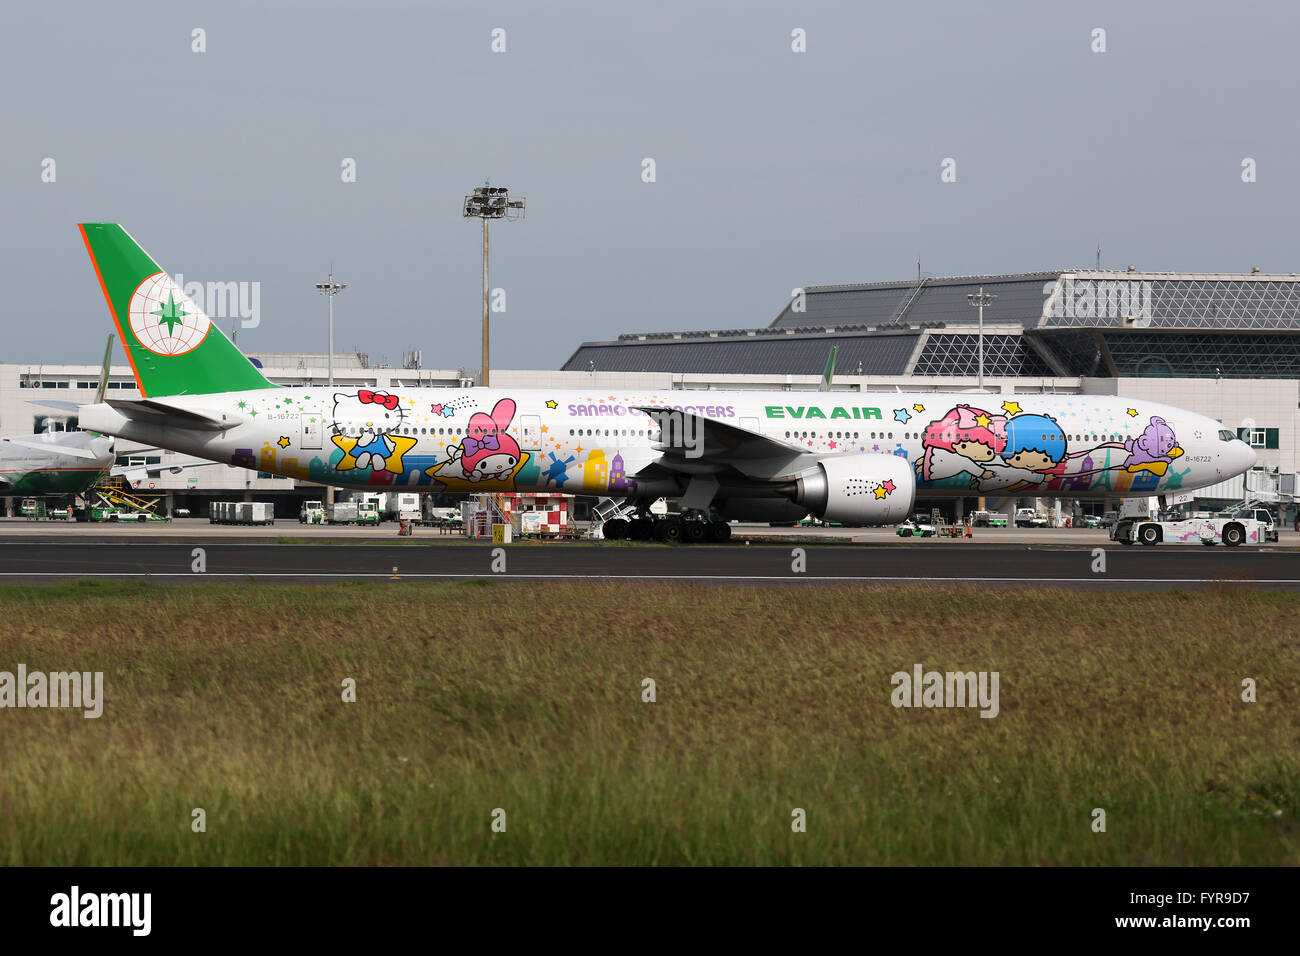 EVA Air Boeing 777-300ER Hello Kitty Flugzeug Flughafen Taipeh Taoyuan - Stock Image